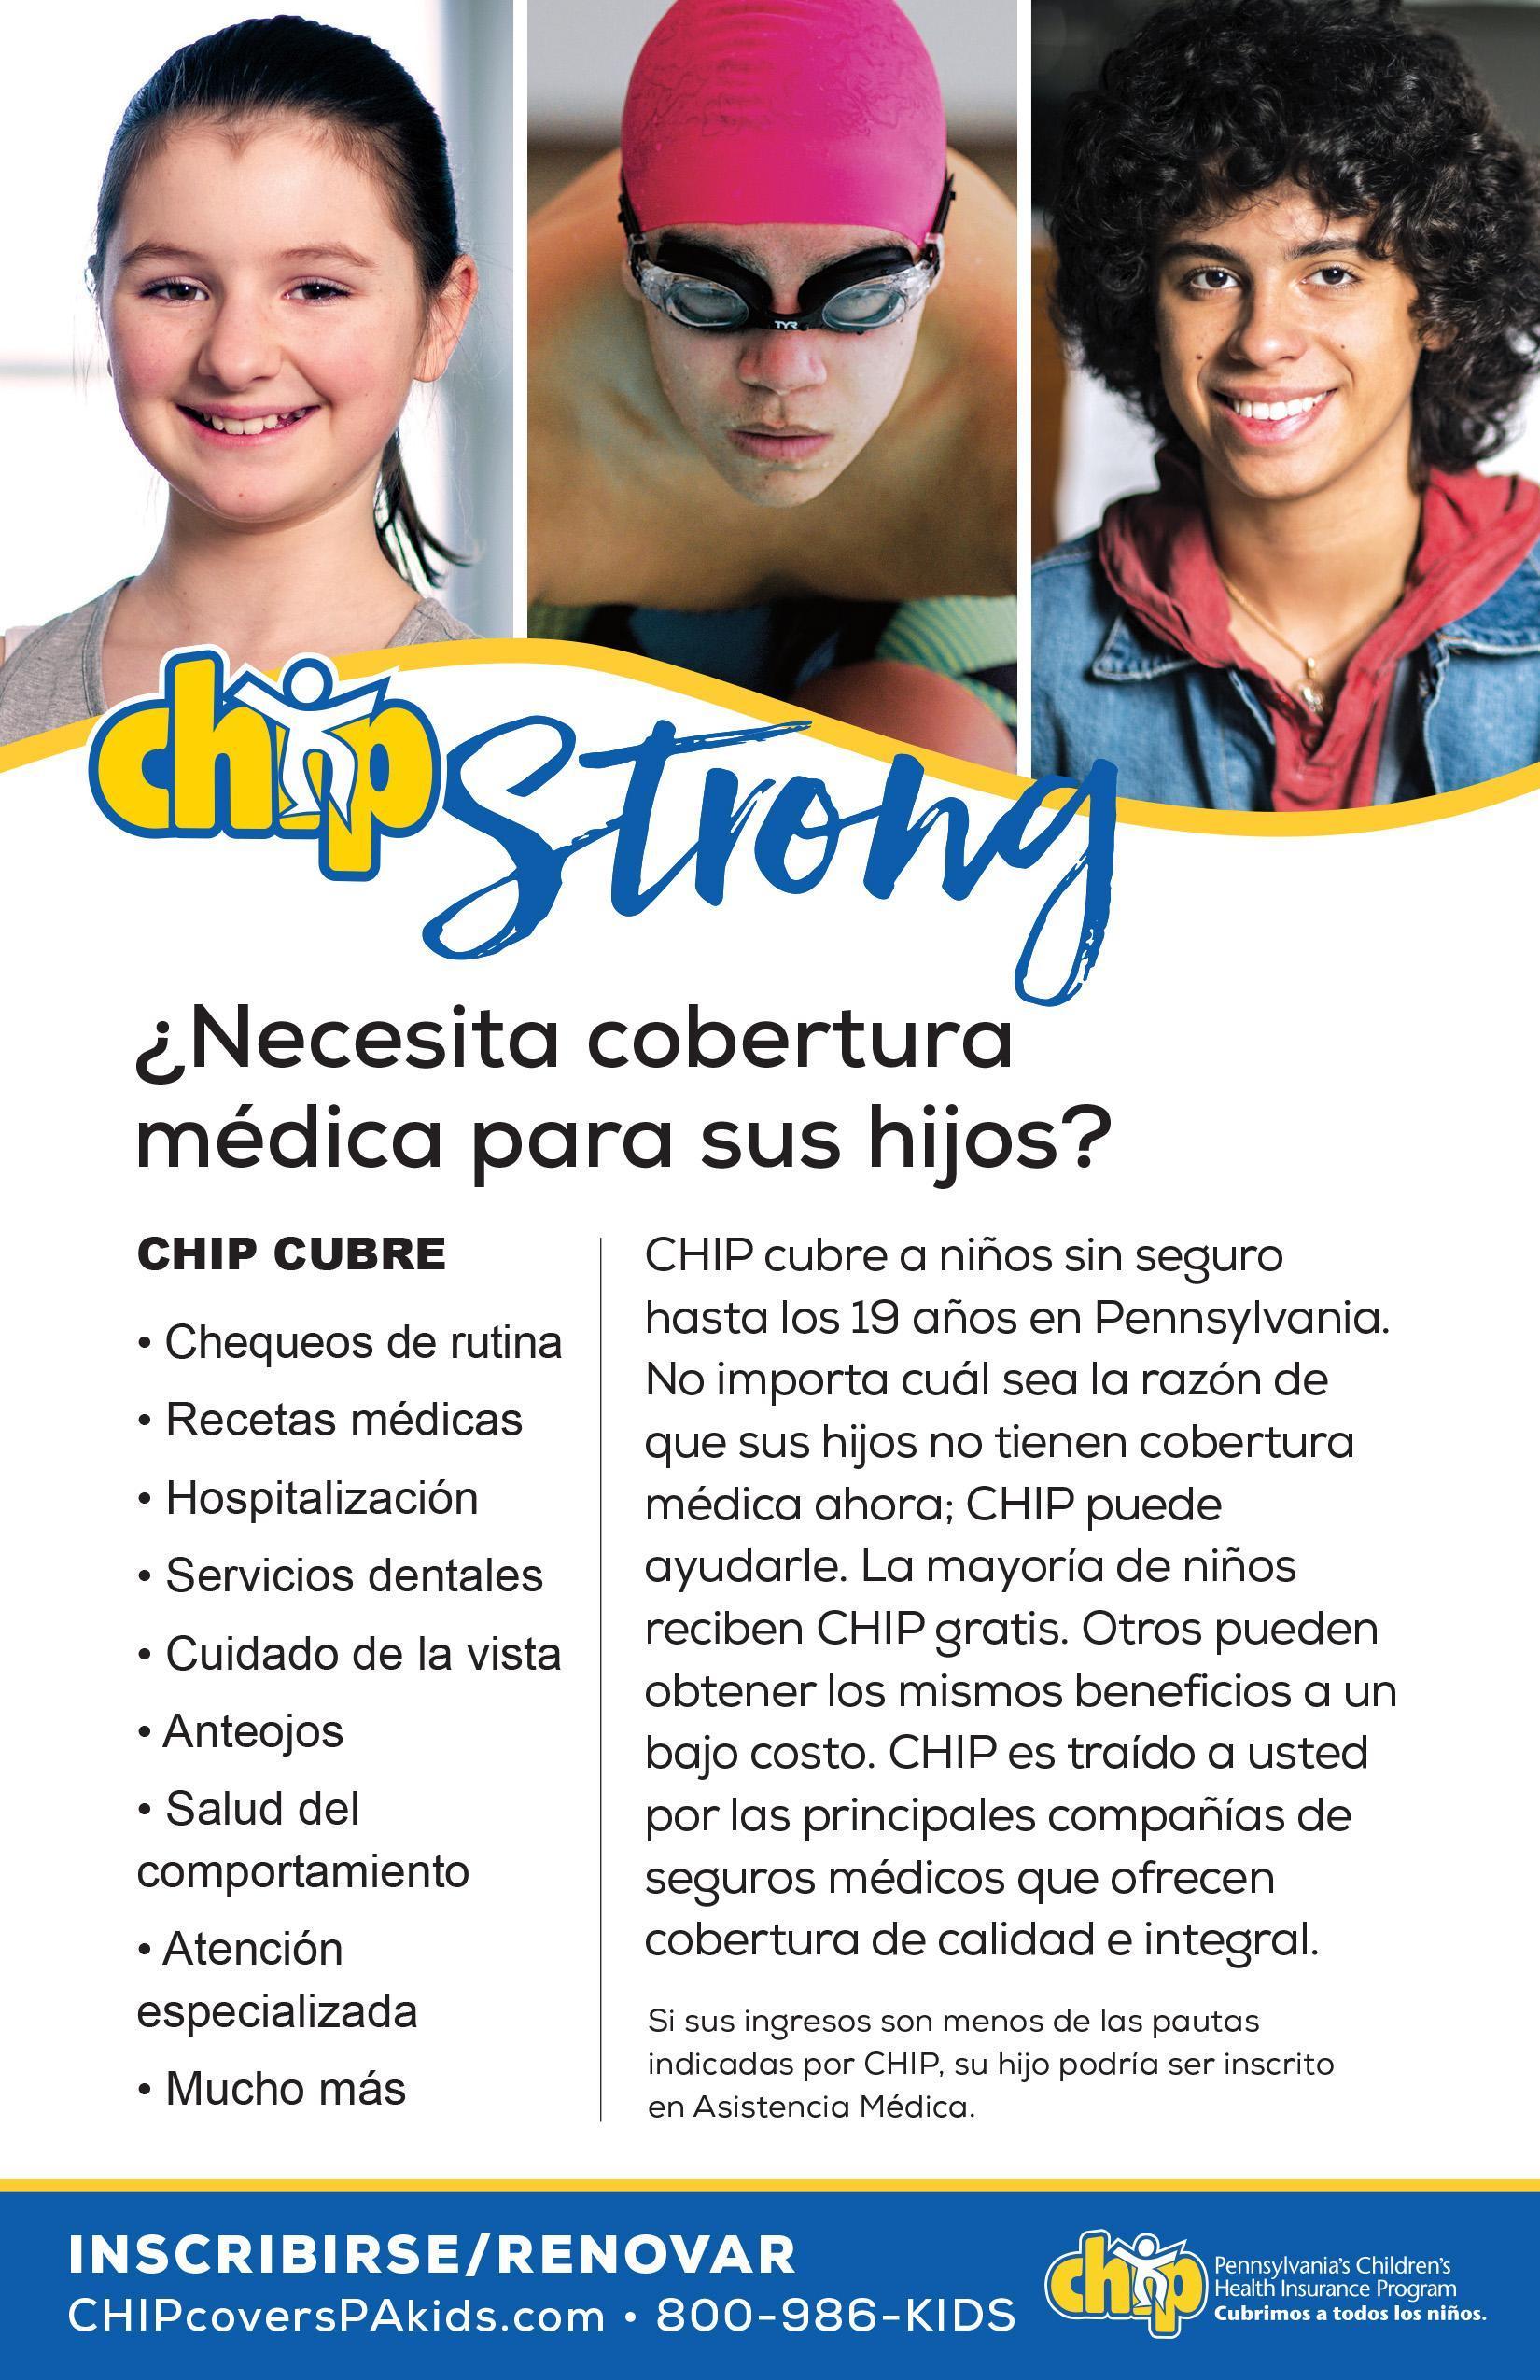 Children's Health Insurance Program flyer (Spanish)